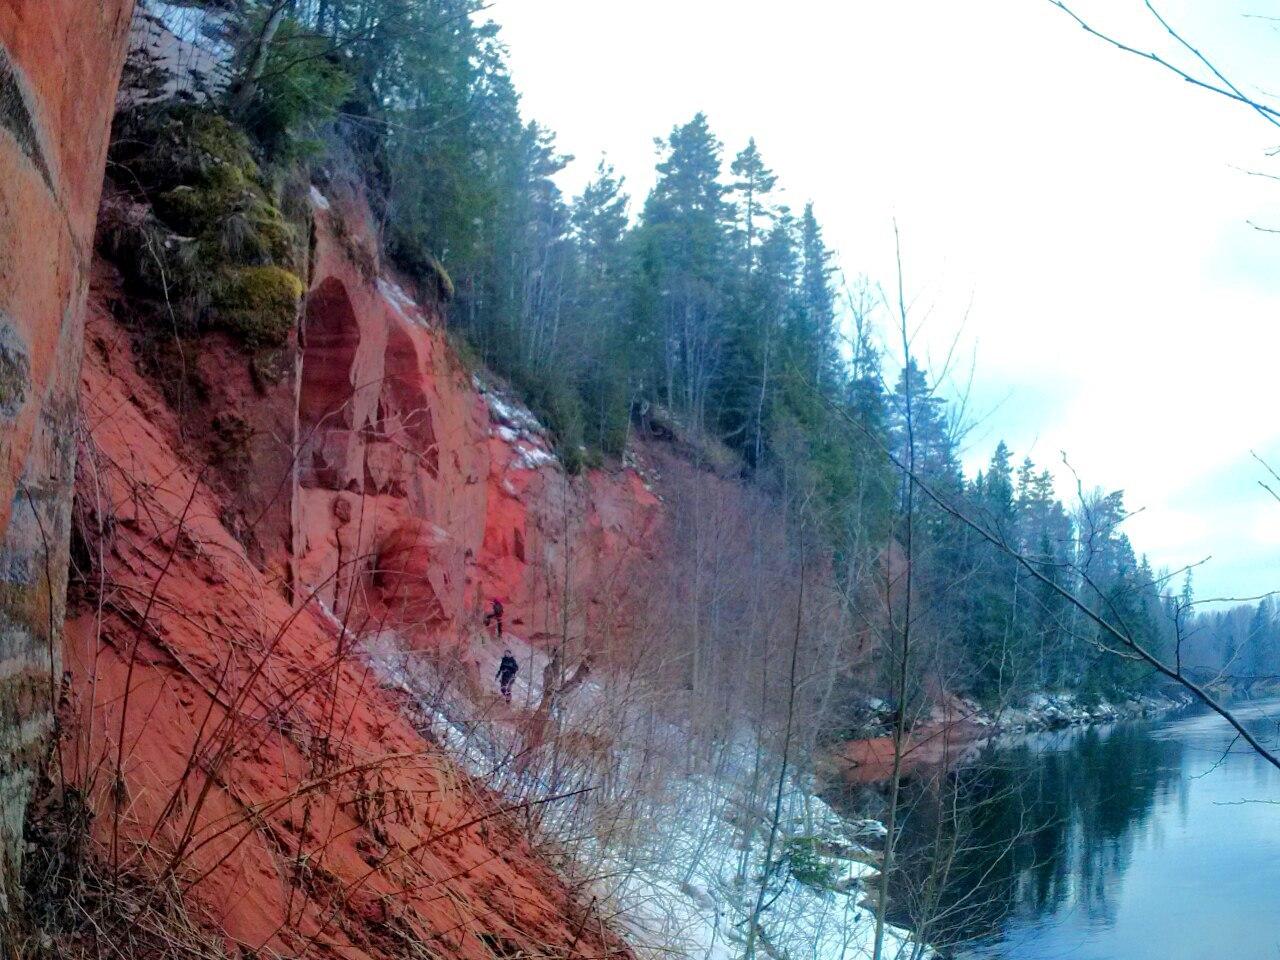 На юго-запад от Петербурга. Красные скалы на реке Плюссе, Доложская святая пещера, старинные храмы